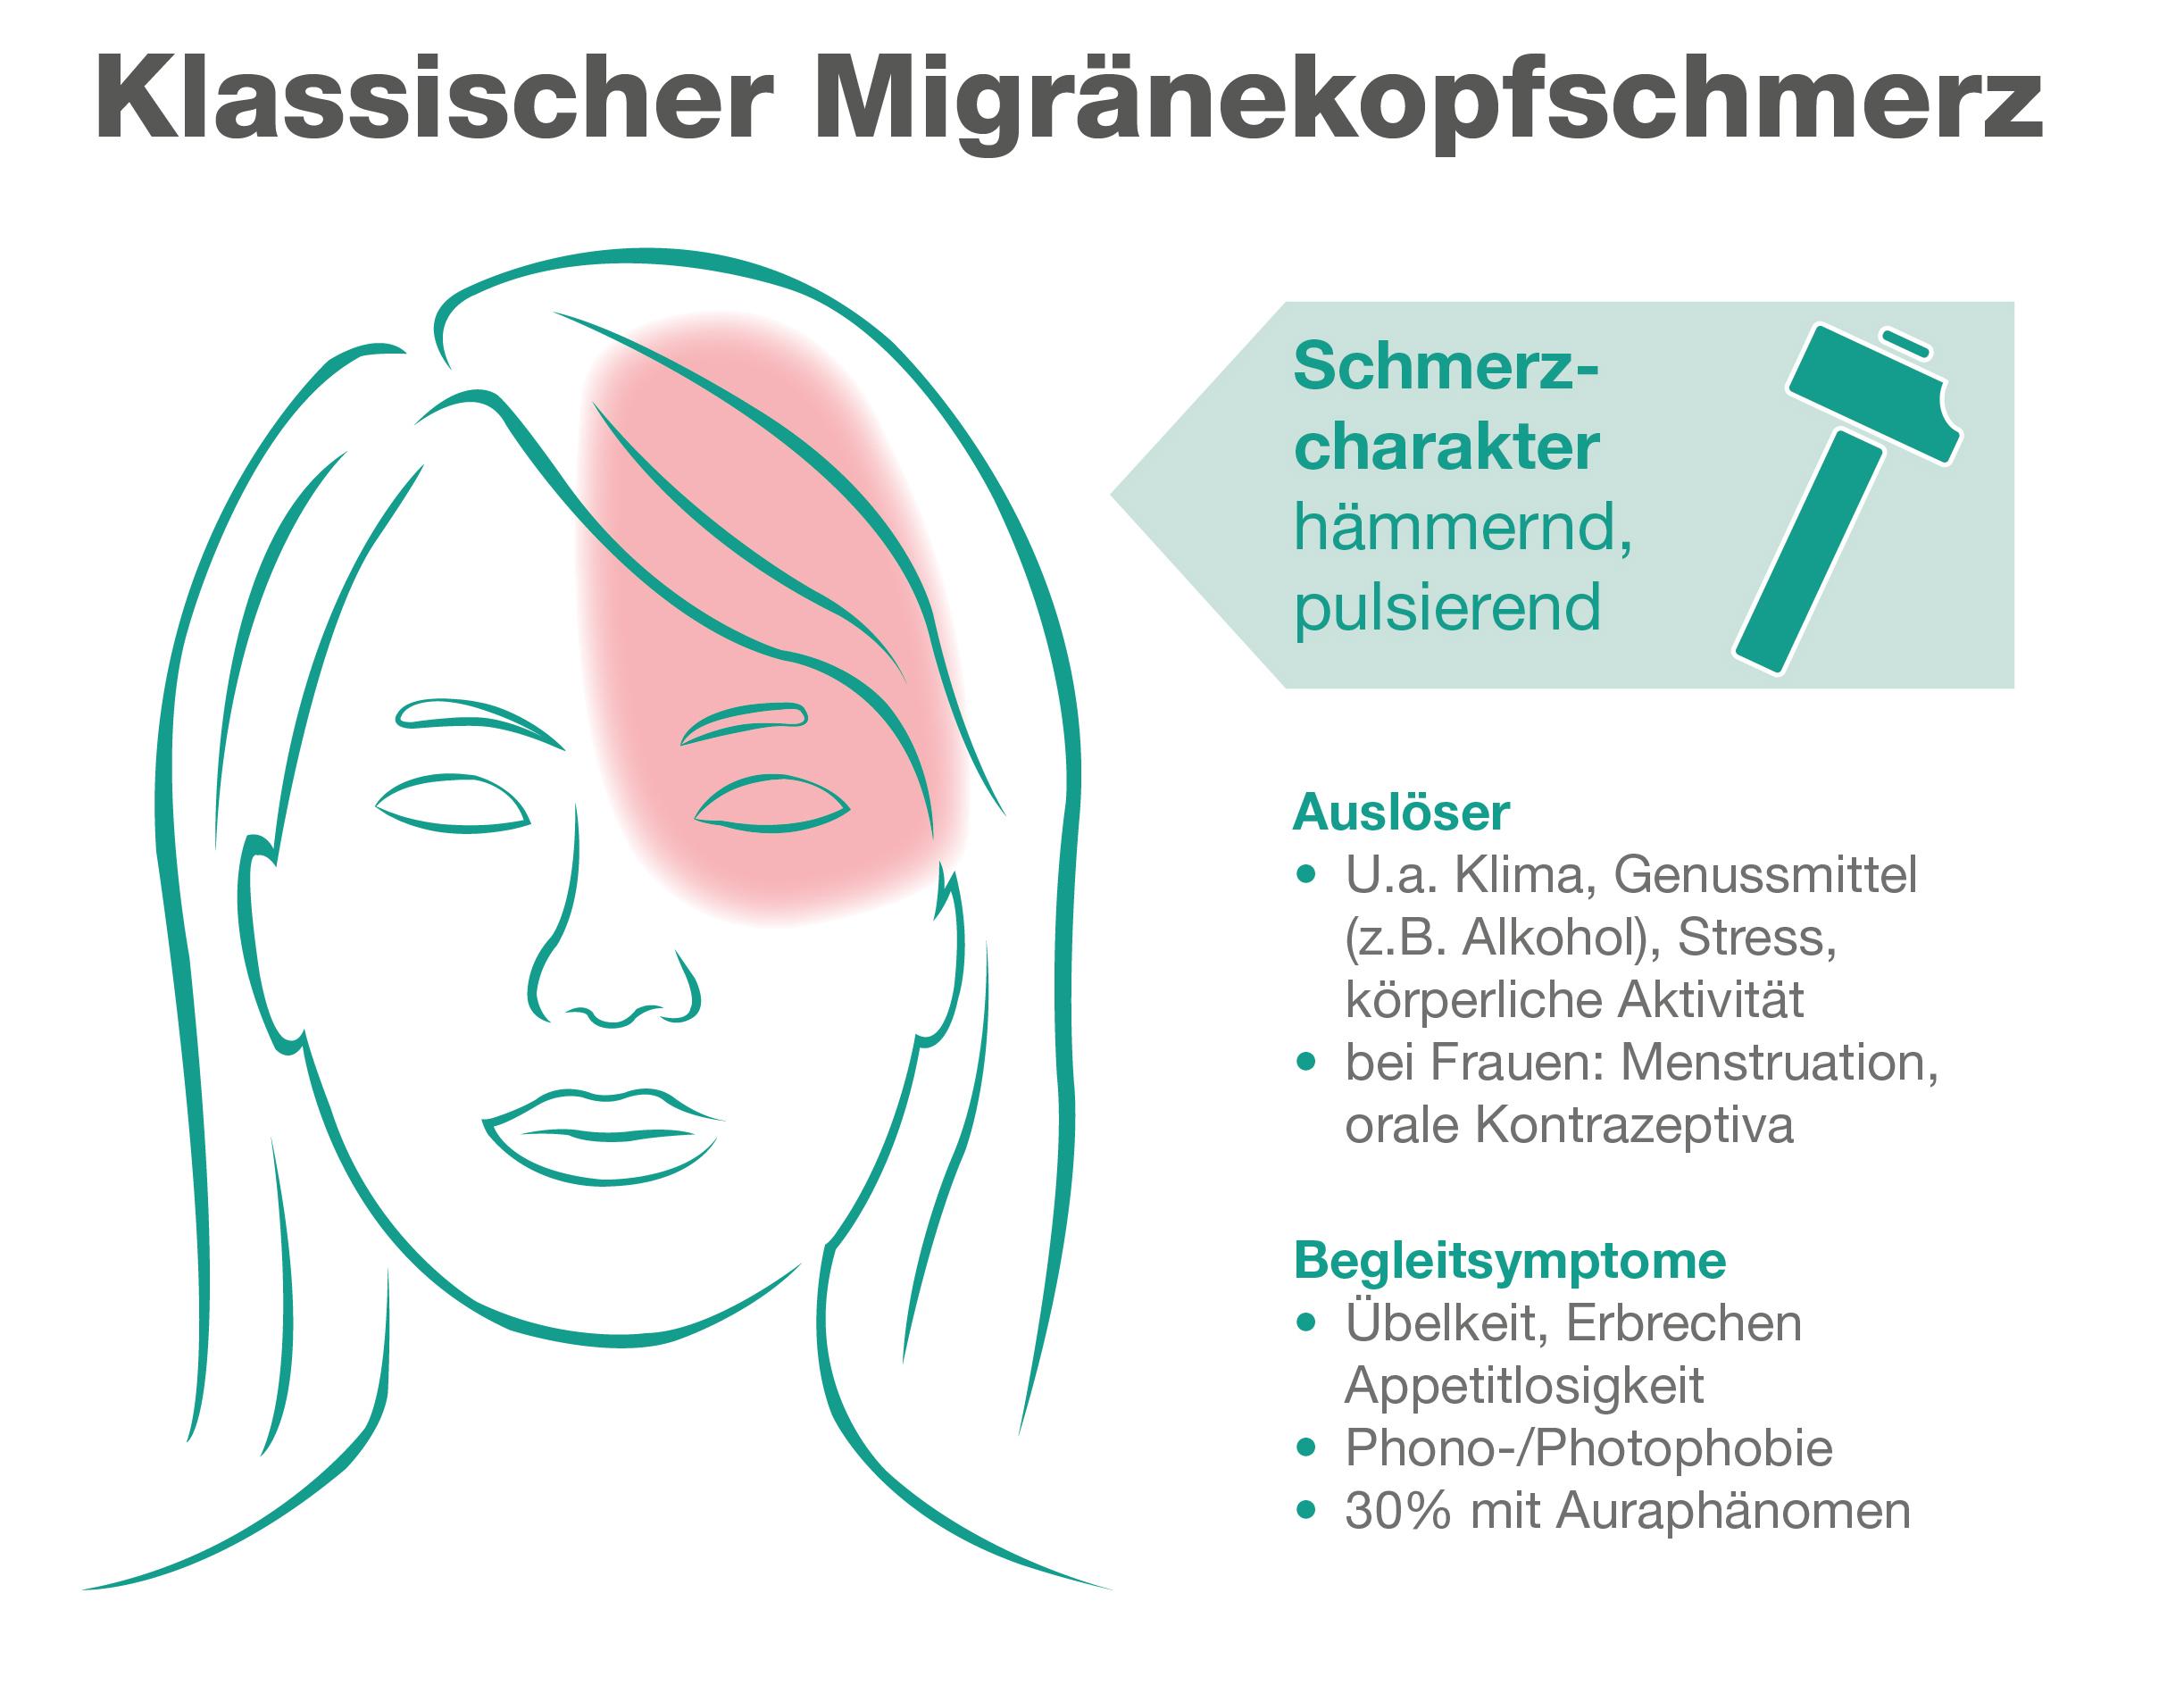 Klassischer Migränekopfschmerz